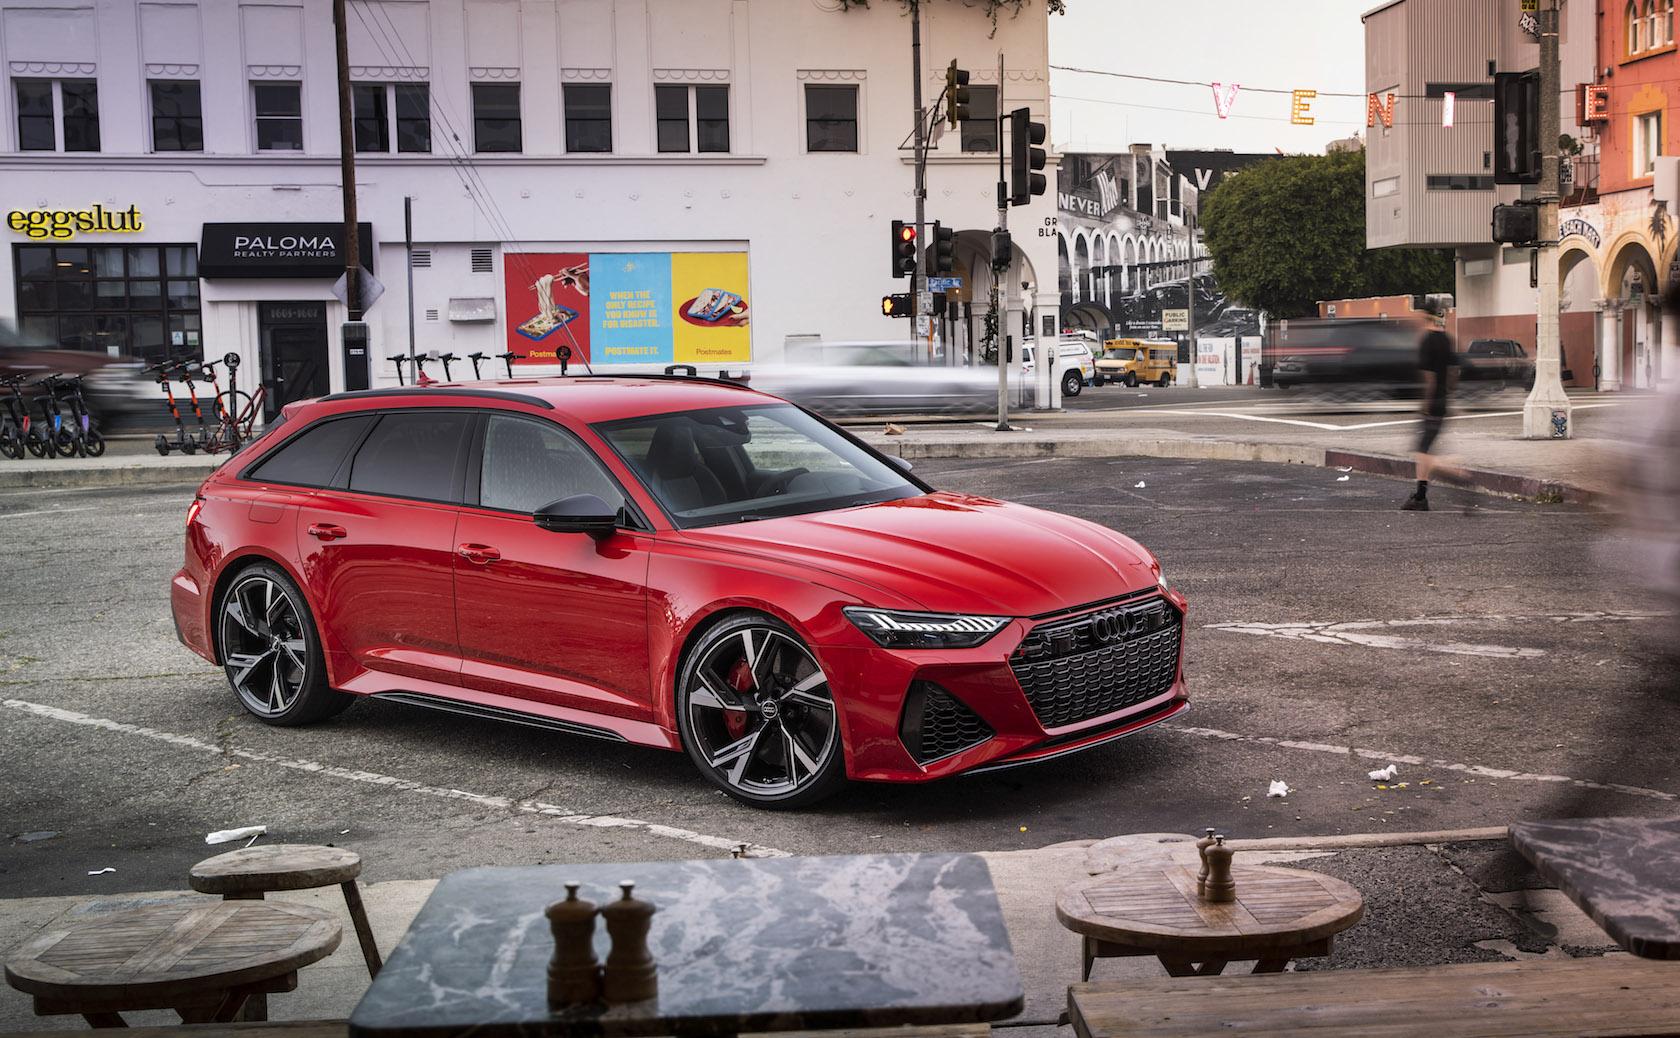 Kelebihan Kekurangan Audi Rs6 Quattro Perbandingan Harga